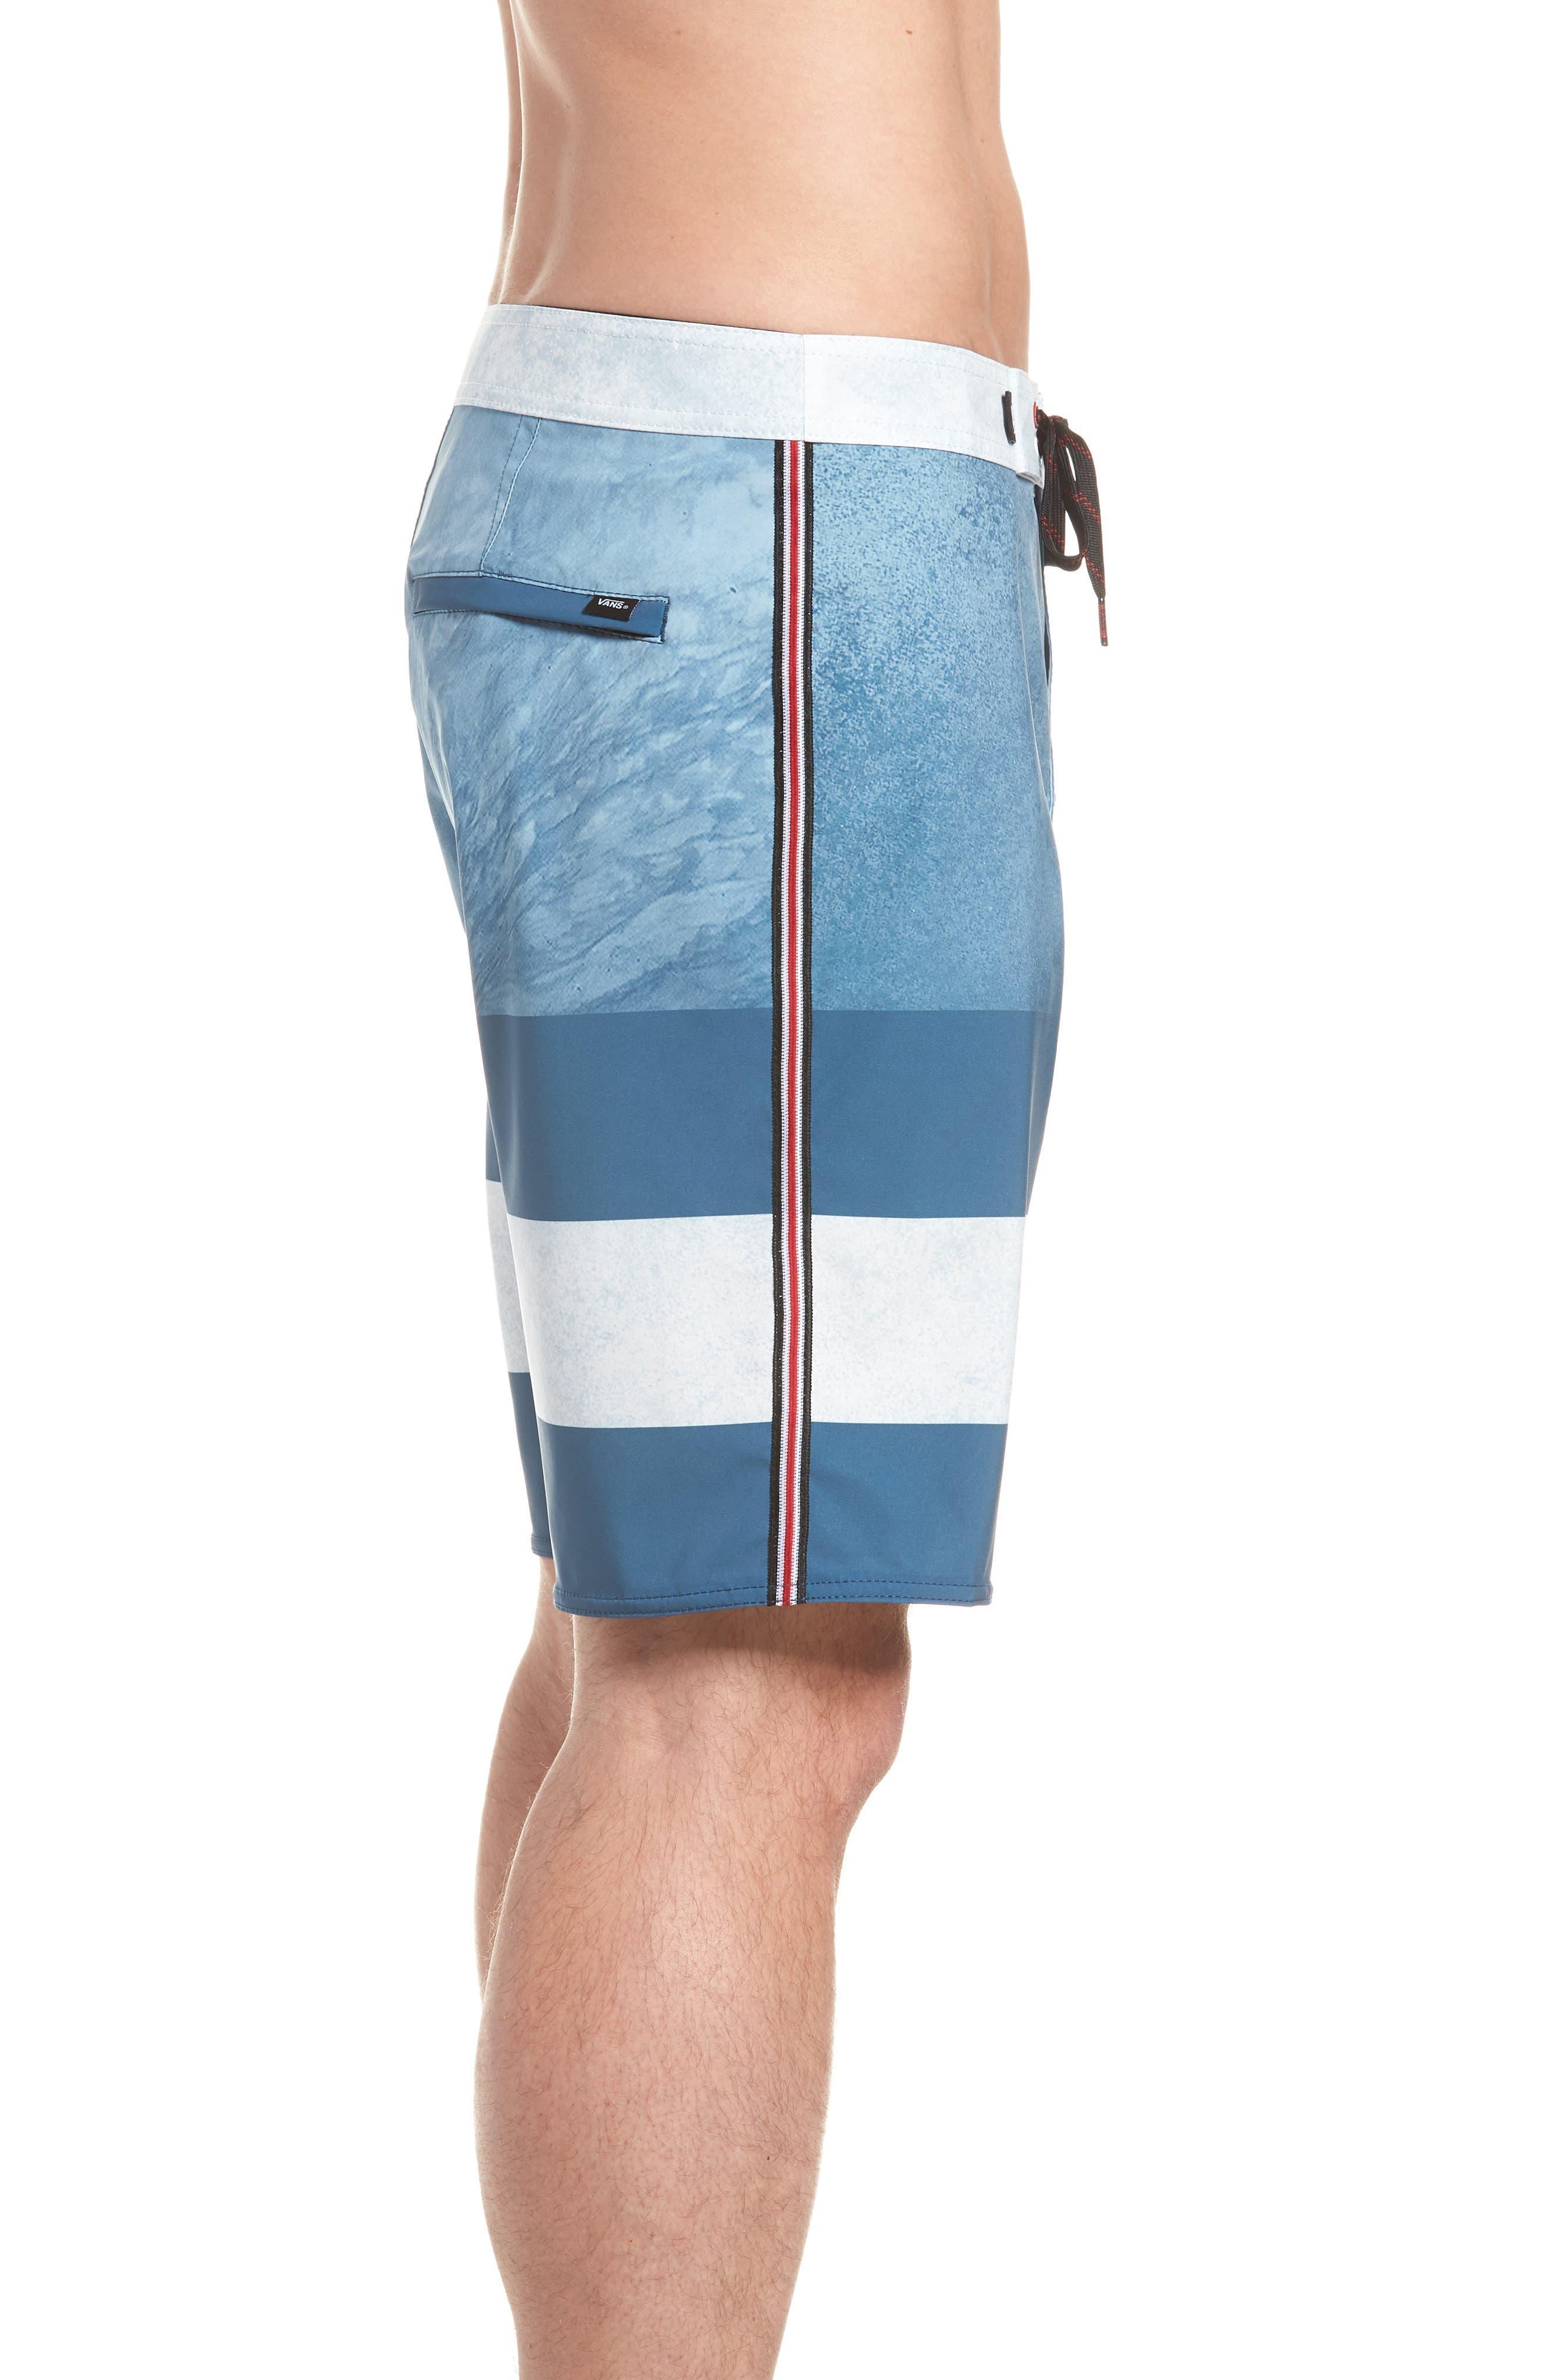 Era Board Shorts,                             Alternate thumbnail 3, color,                             Real Teal/ Nathan Florence